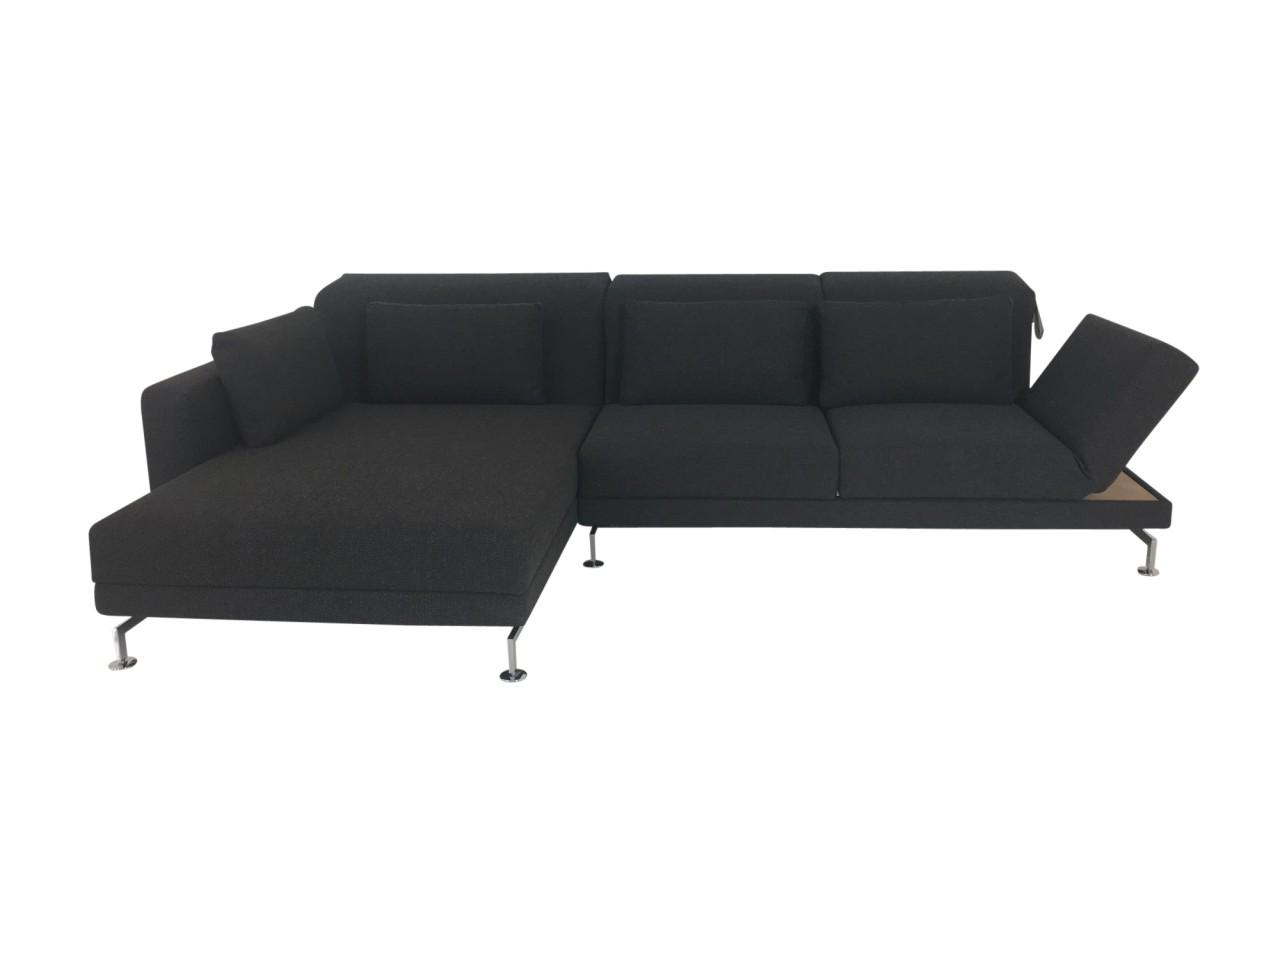 Brühl MOULE MEDIUM Sofa mit XL Longchair im anthrazit-braunen Stoffbezug mit Ablage